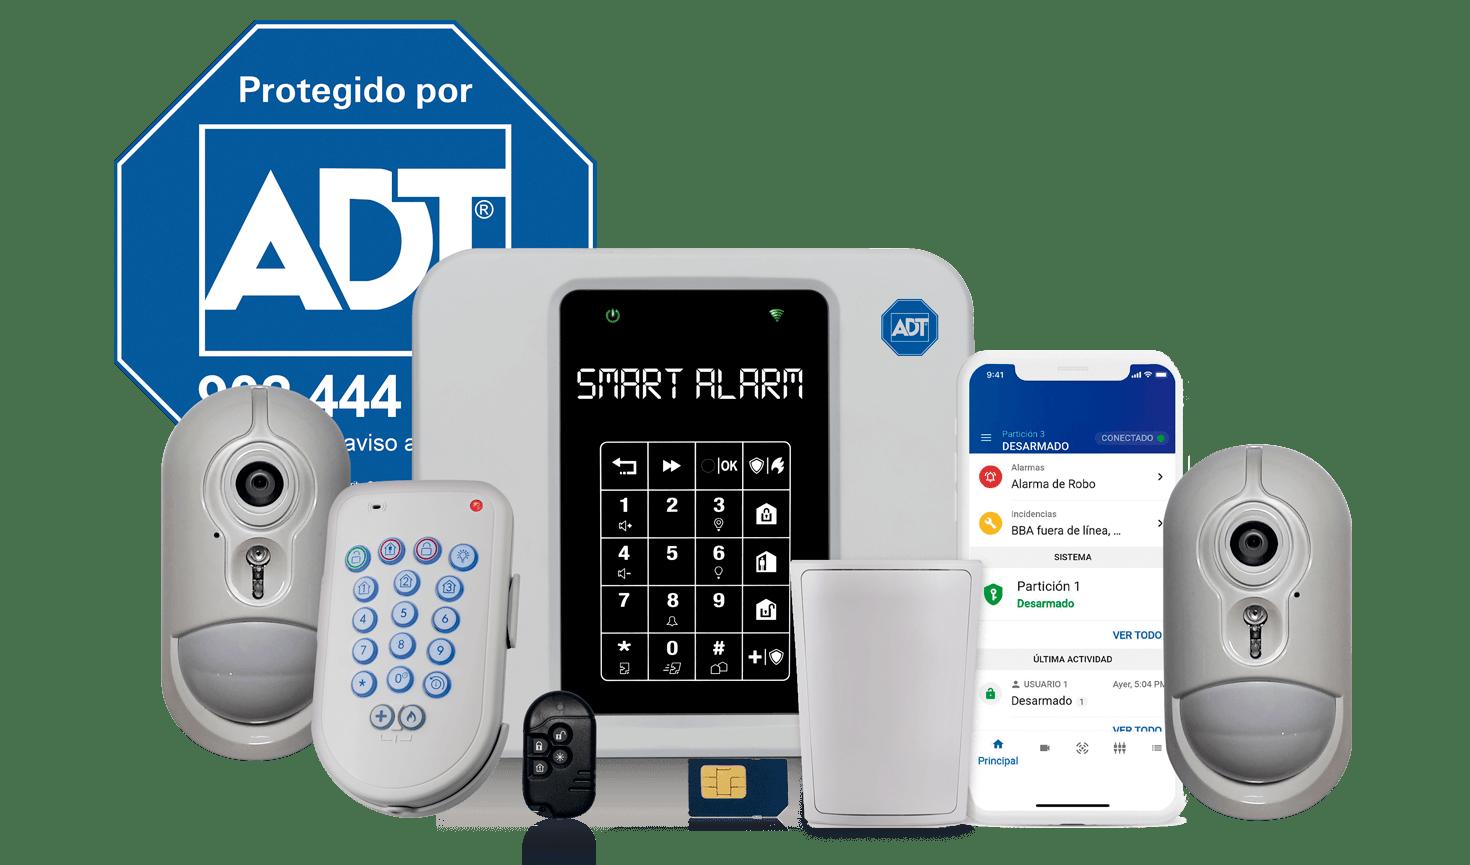 Servicio de alarma ADT